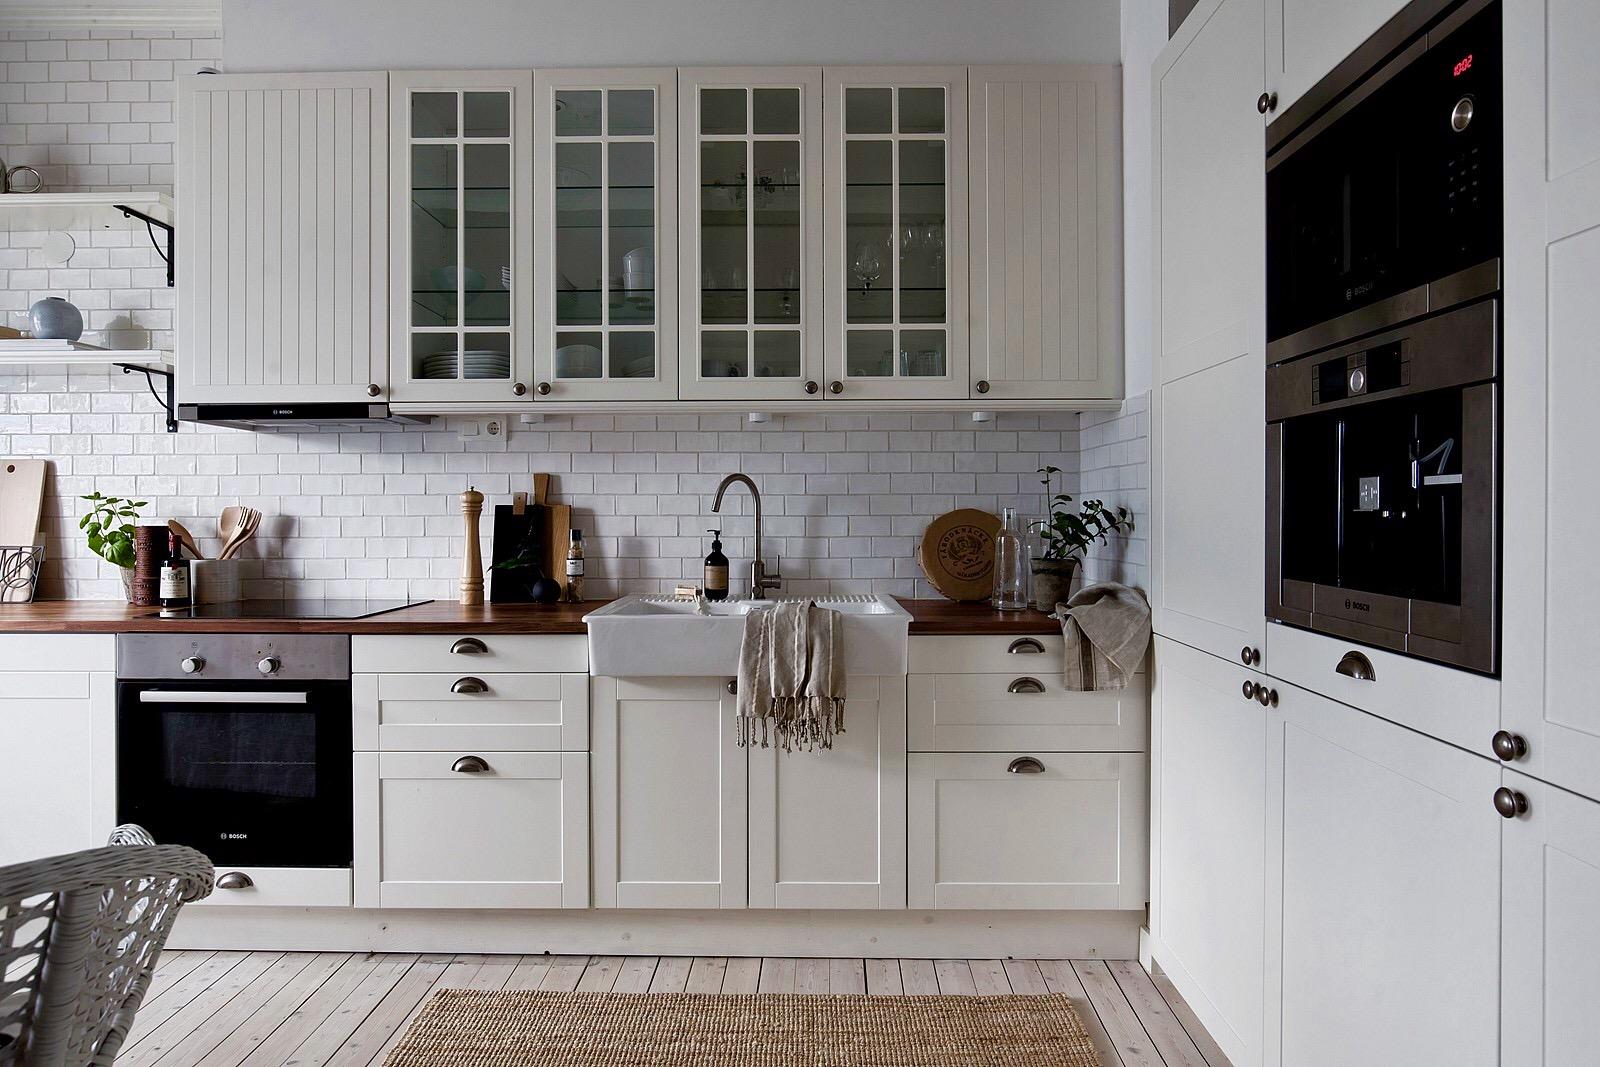 кухня накладная мойка плитка ретро кабанчик деревянный пол